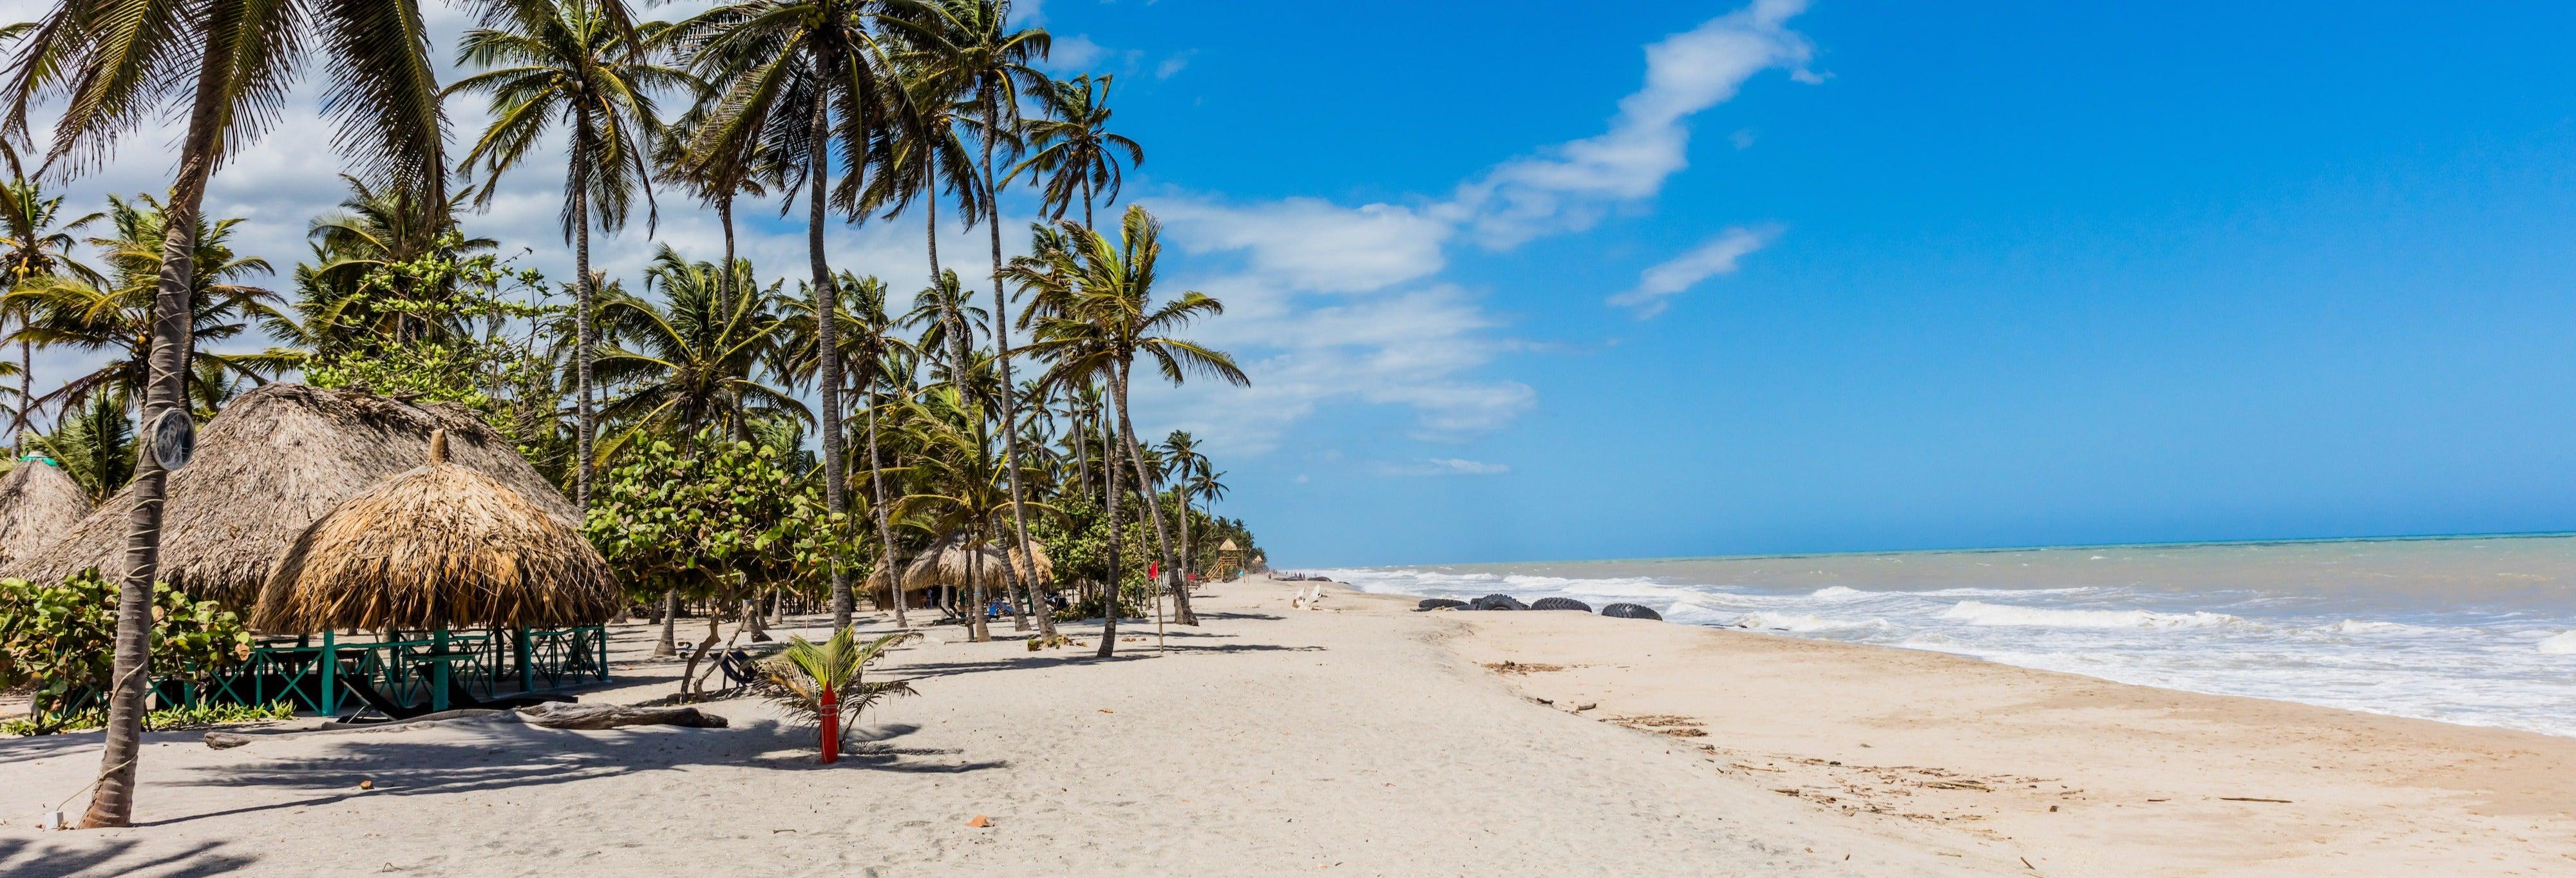 Excursión a la playa de Palomino